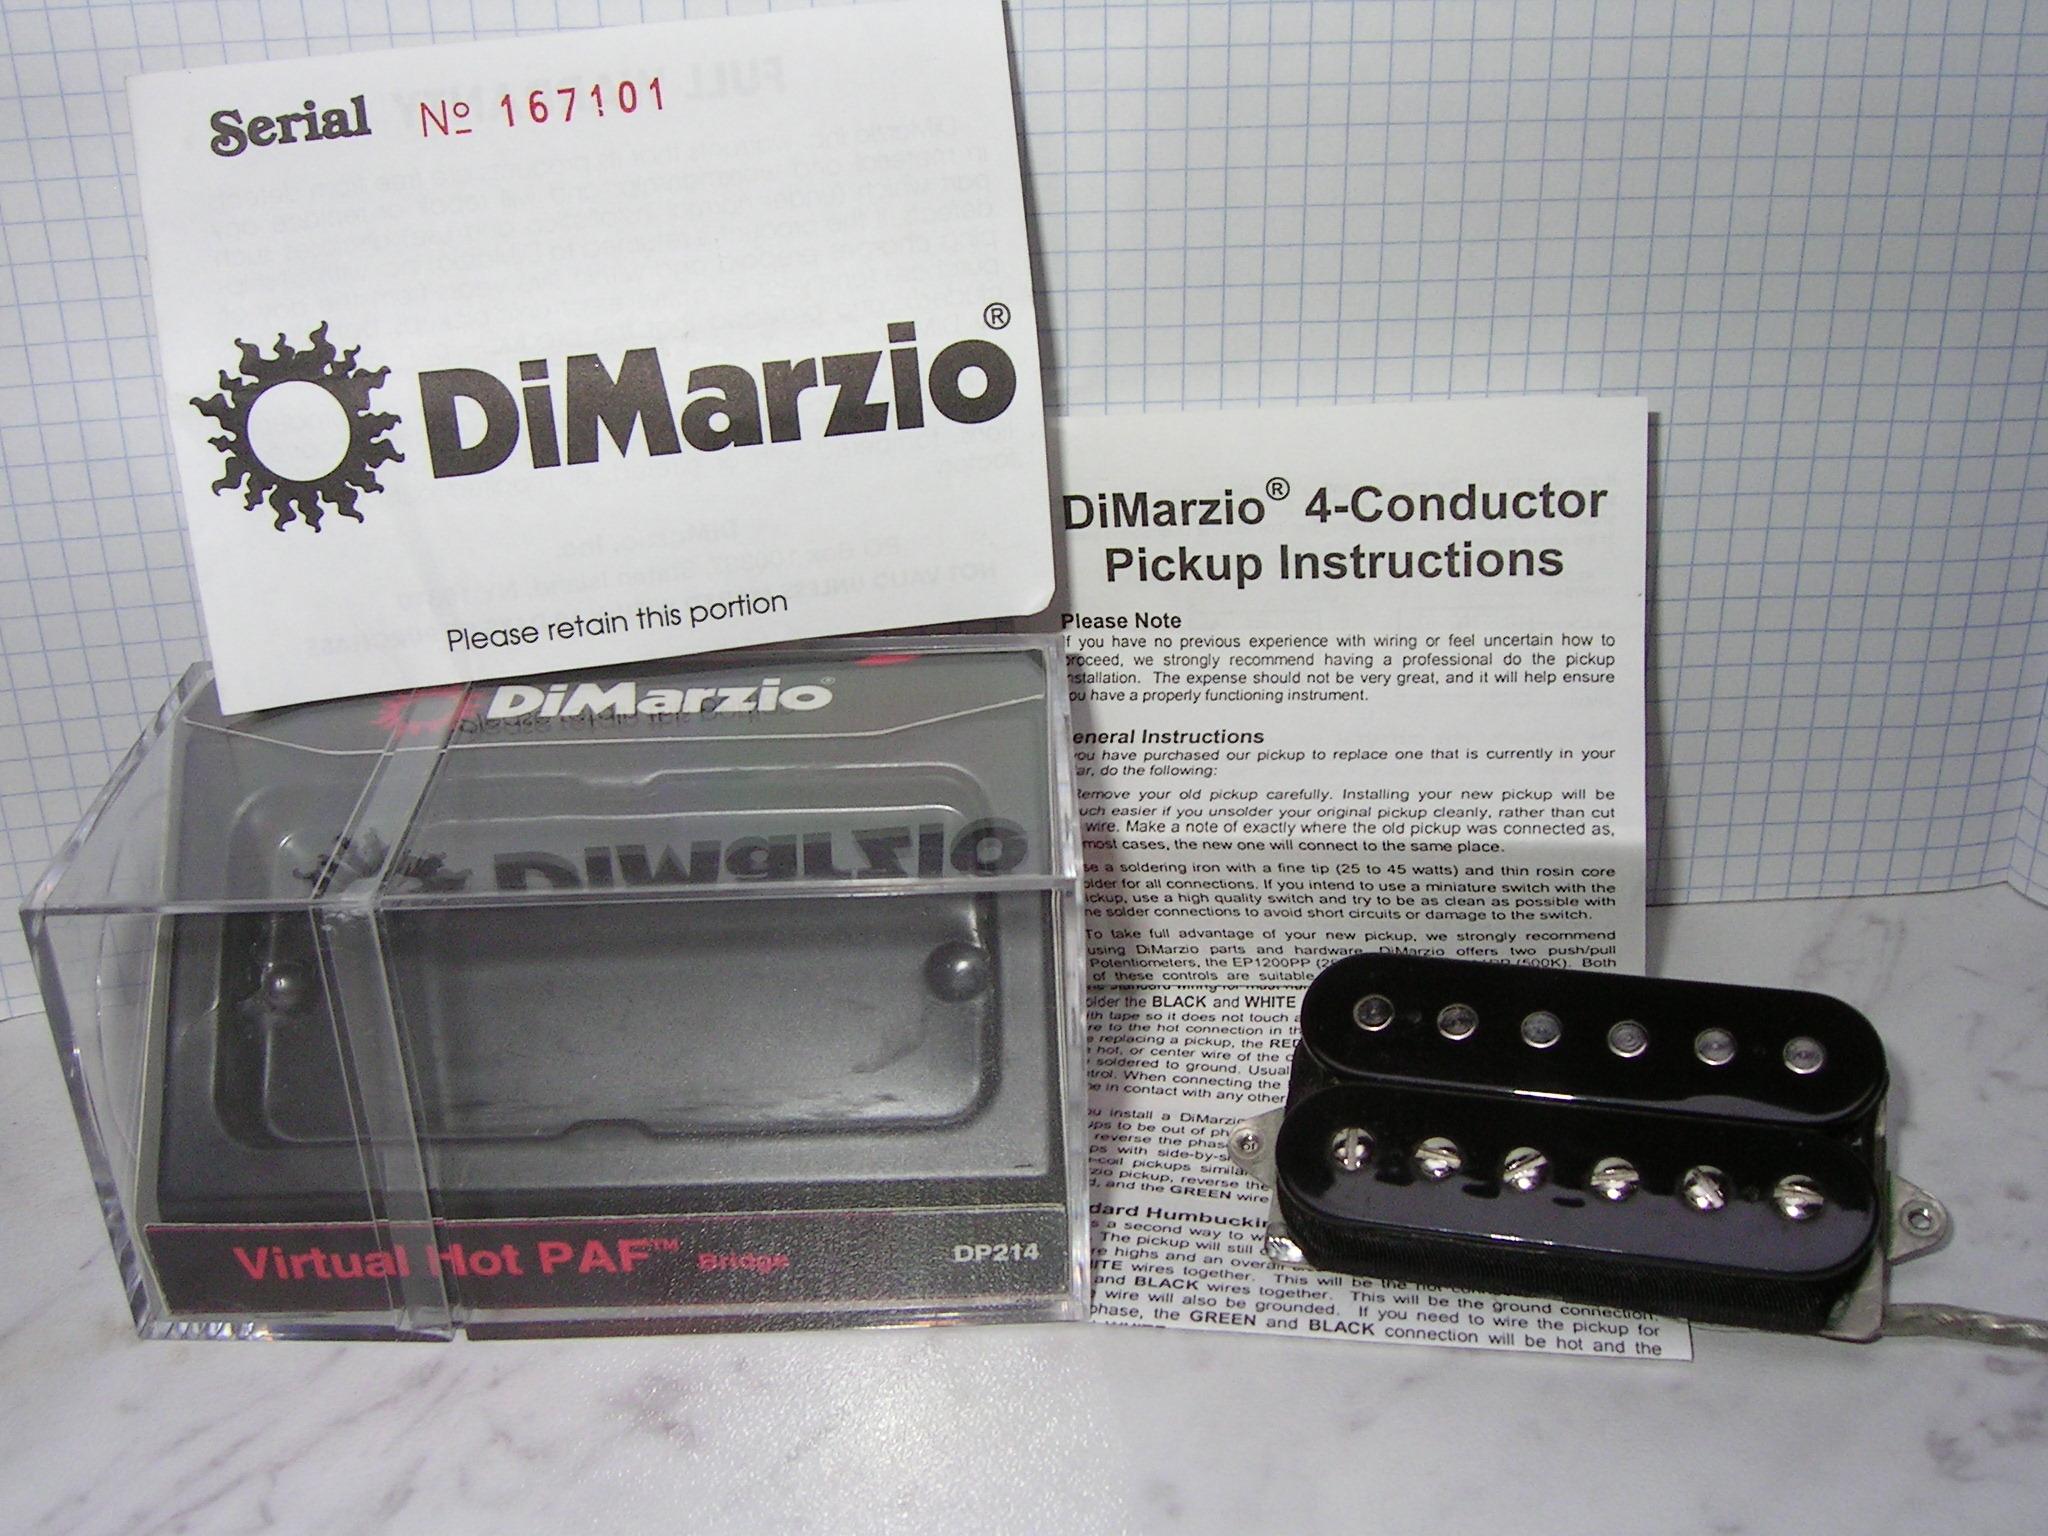 DiMarzio DP214 Virtual Hot PAF image (#515288) - Audiofanzine